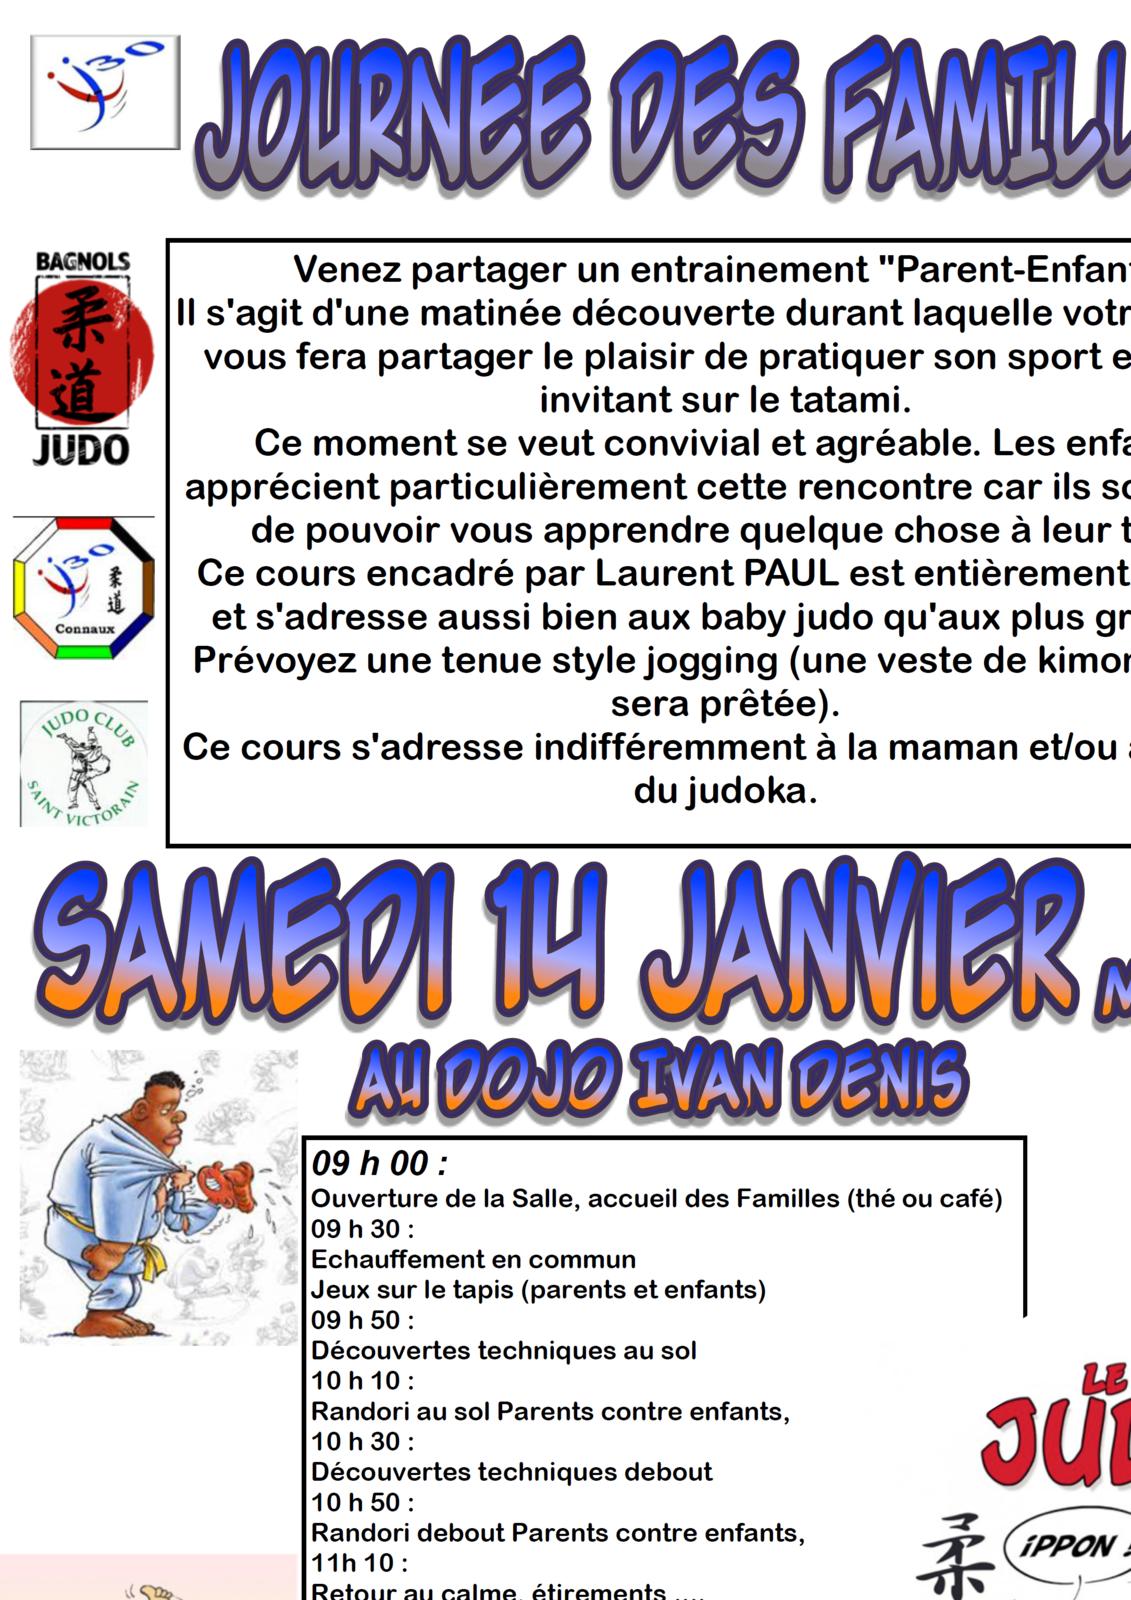 SAMEDI 14 JANVIER: Journée des familles